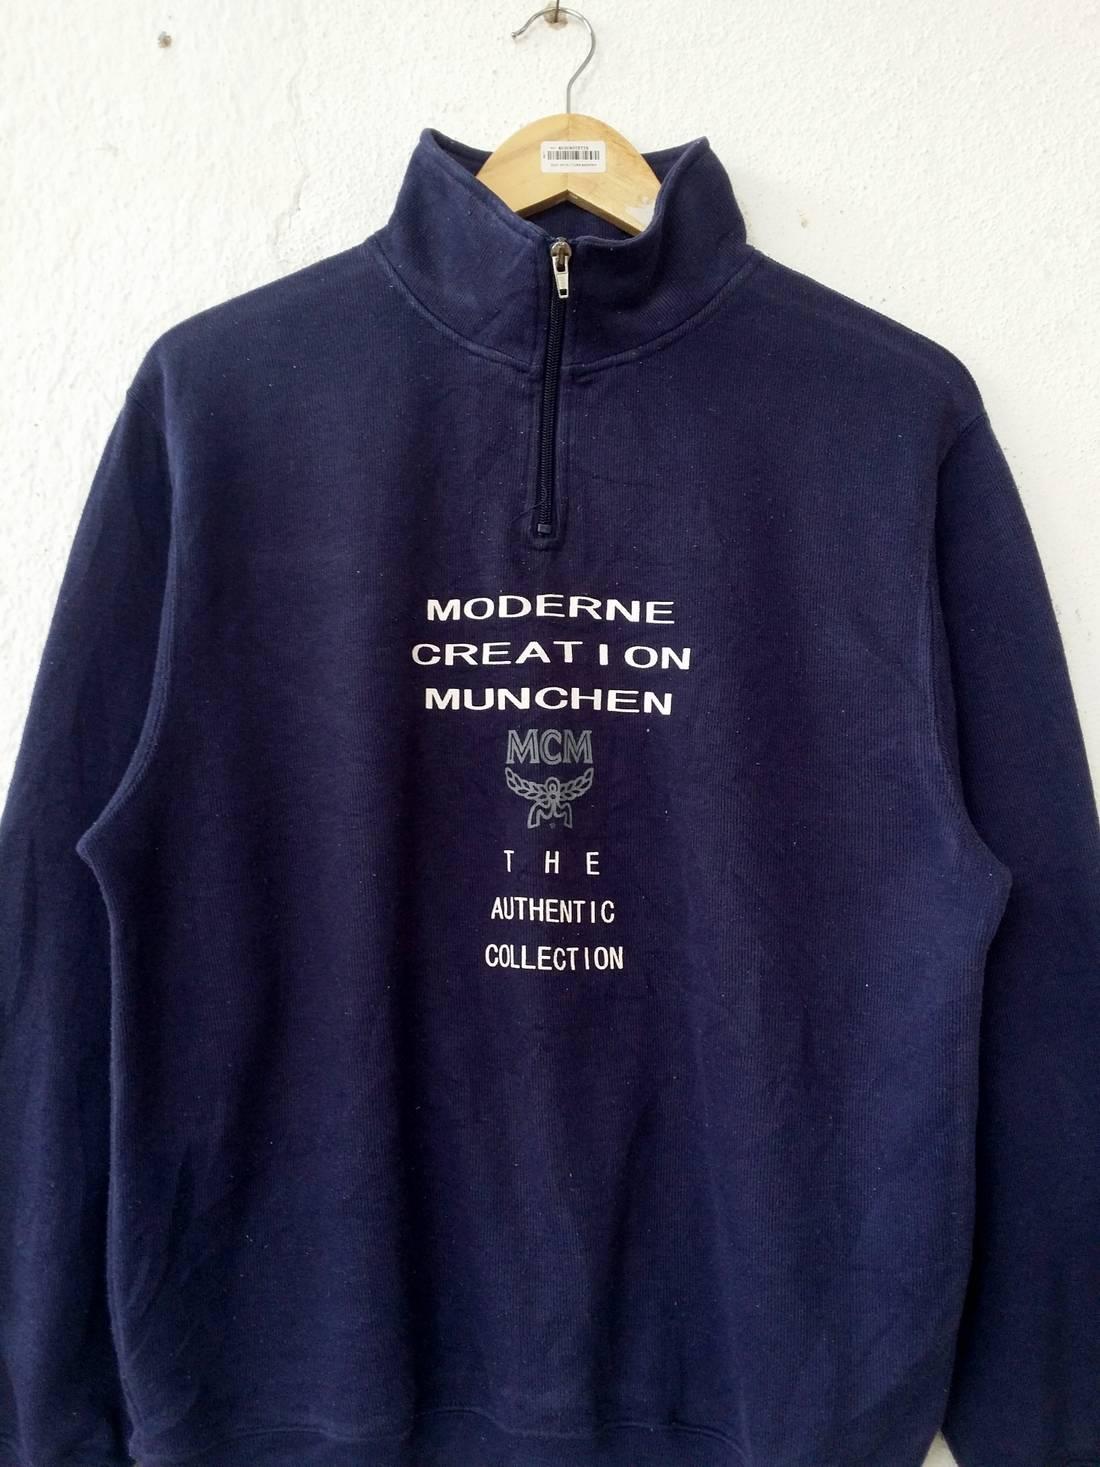 Cool Moderne Pullover Sammlung Von Mcm Mcm Modern Creation Munchen Vintage Spell